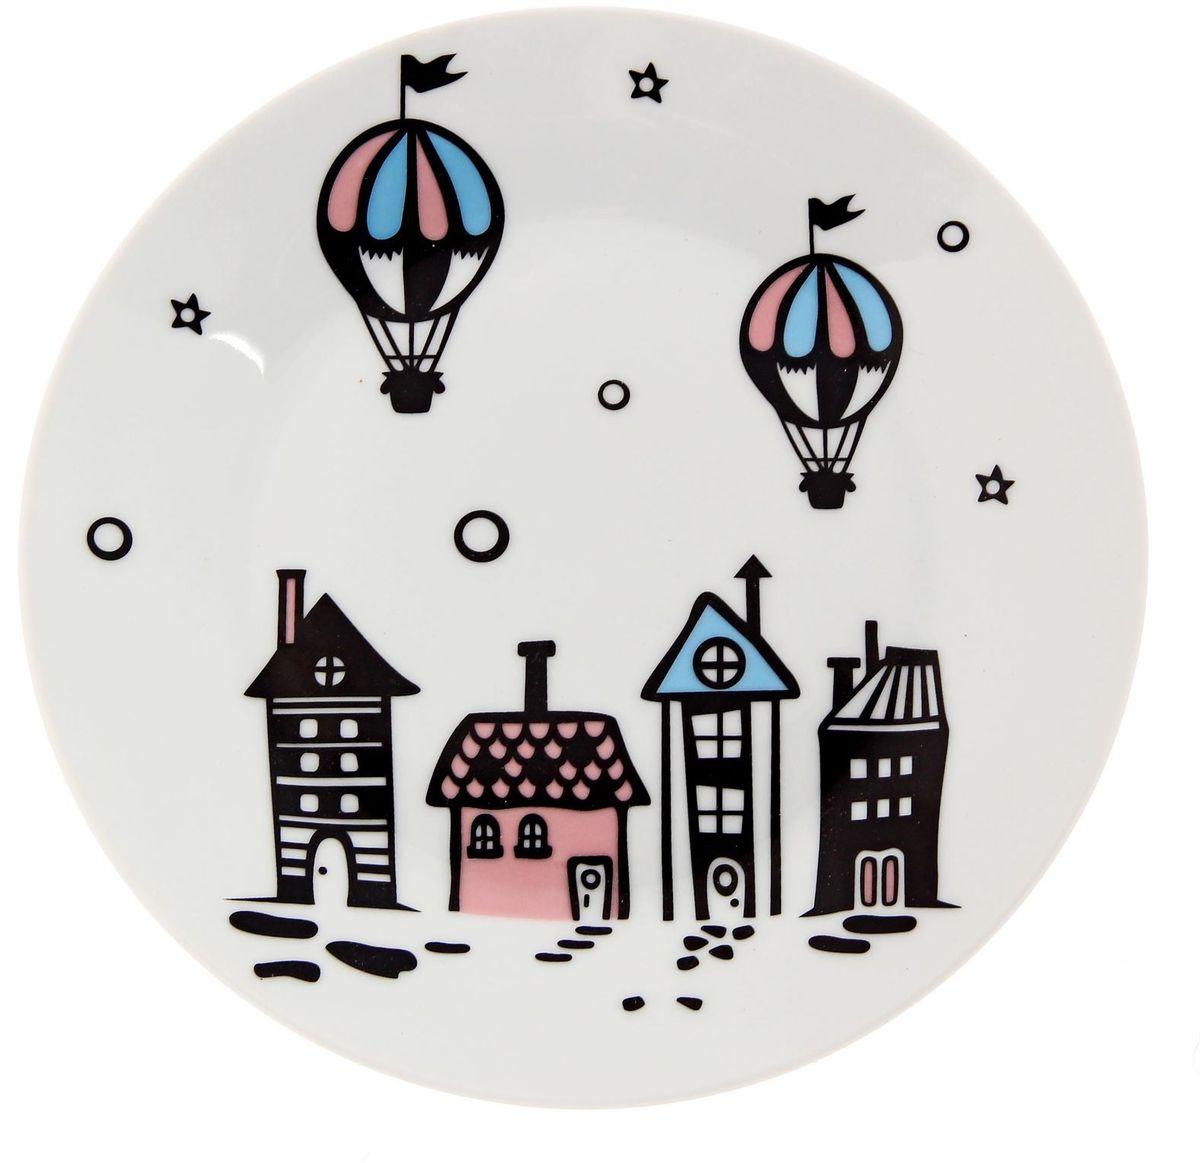 Тарелка мелкая Сотвори чудо Воздушный город, диаметр 20 см тарелка мелкая сотвори чудо полярный мишка диаметр 20 см